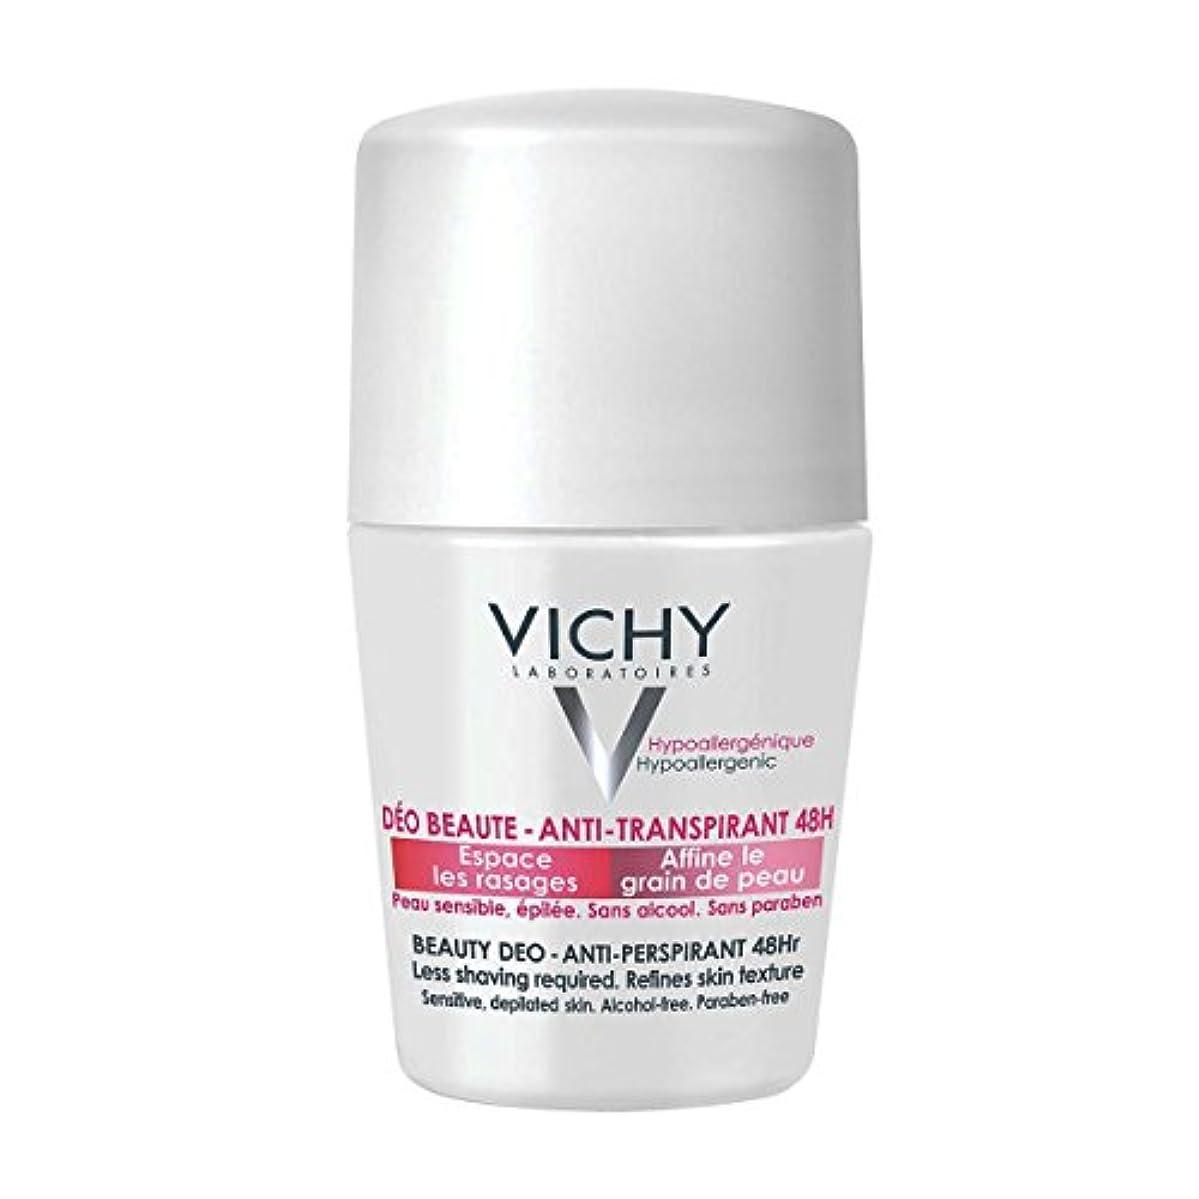 申し込むアームストロングモチーフVichy Deodorant 48h Sensitive Or Shaved Skin 50ml [並行輸入品]